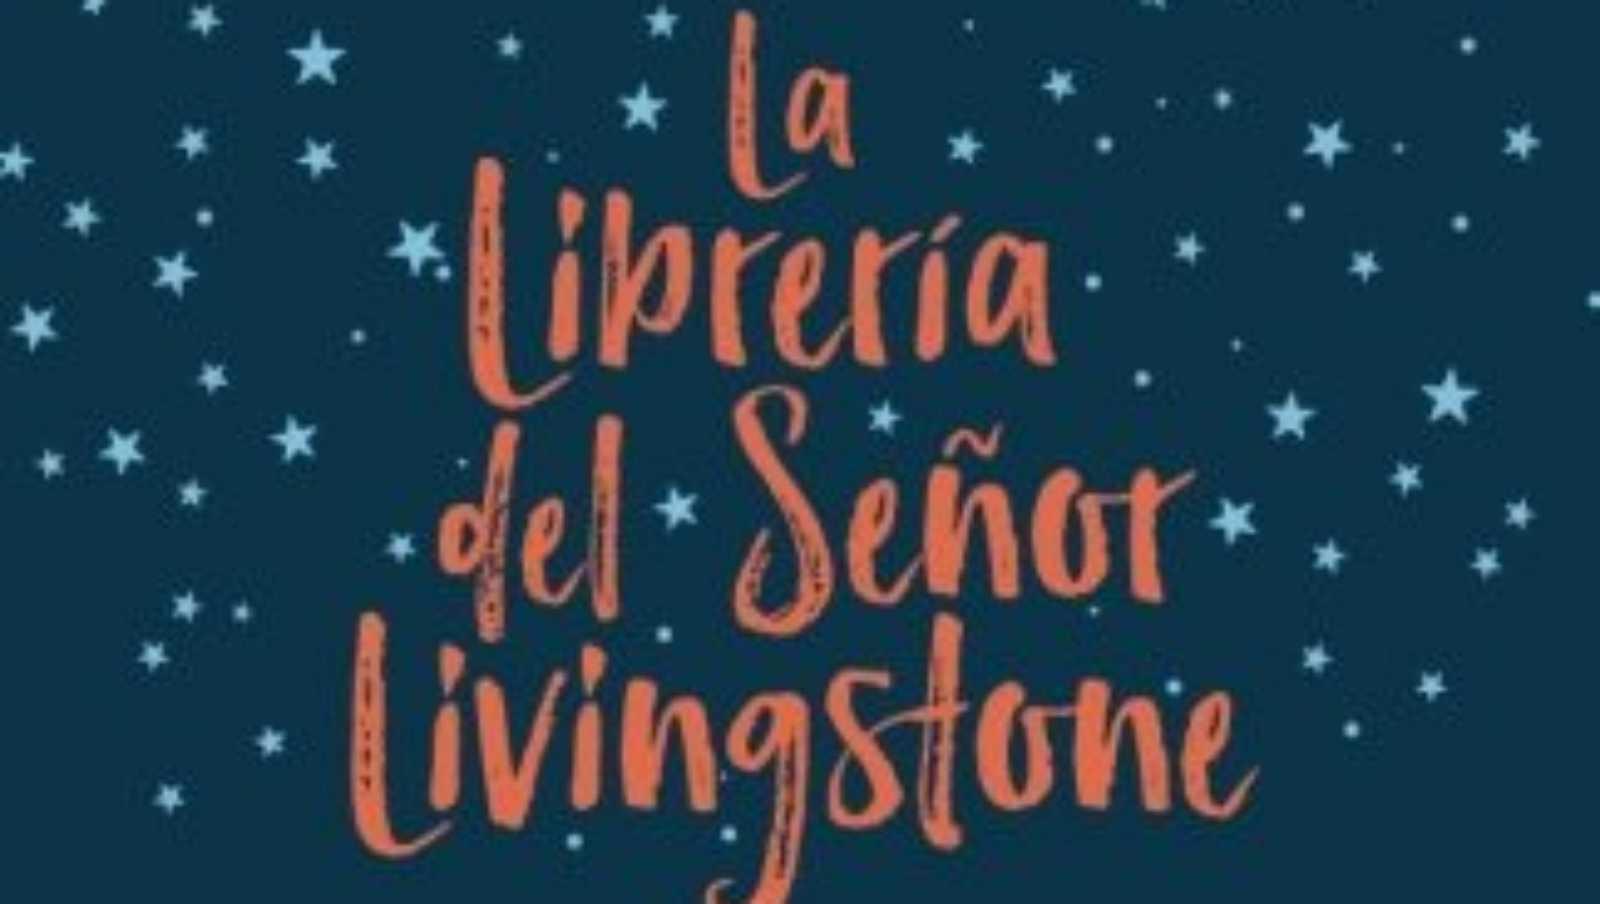 De vuelta - Mónica Gutiérrez y 'La librería del señor Livingstone' - 22/11/2020 - Escuchar ahora